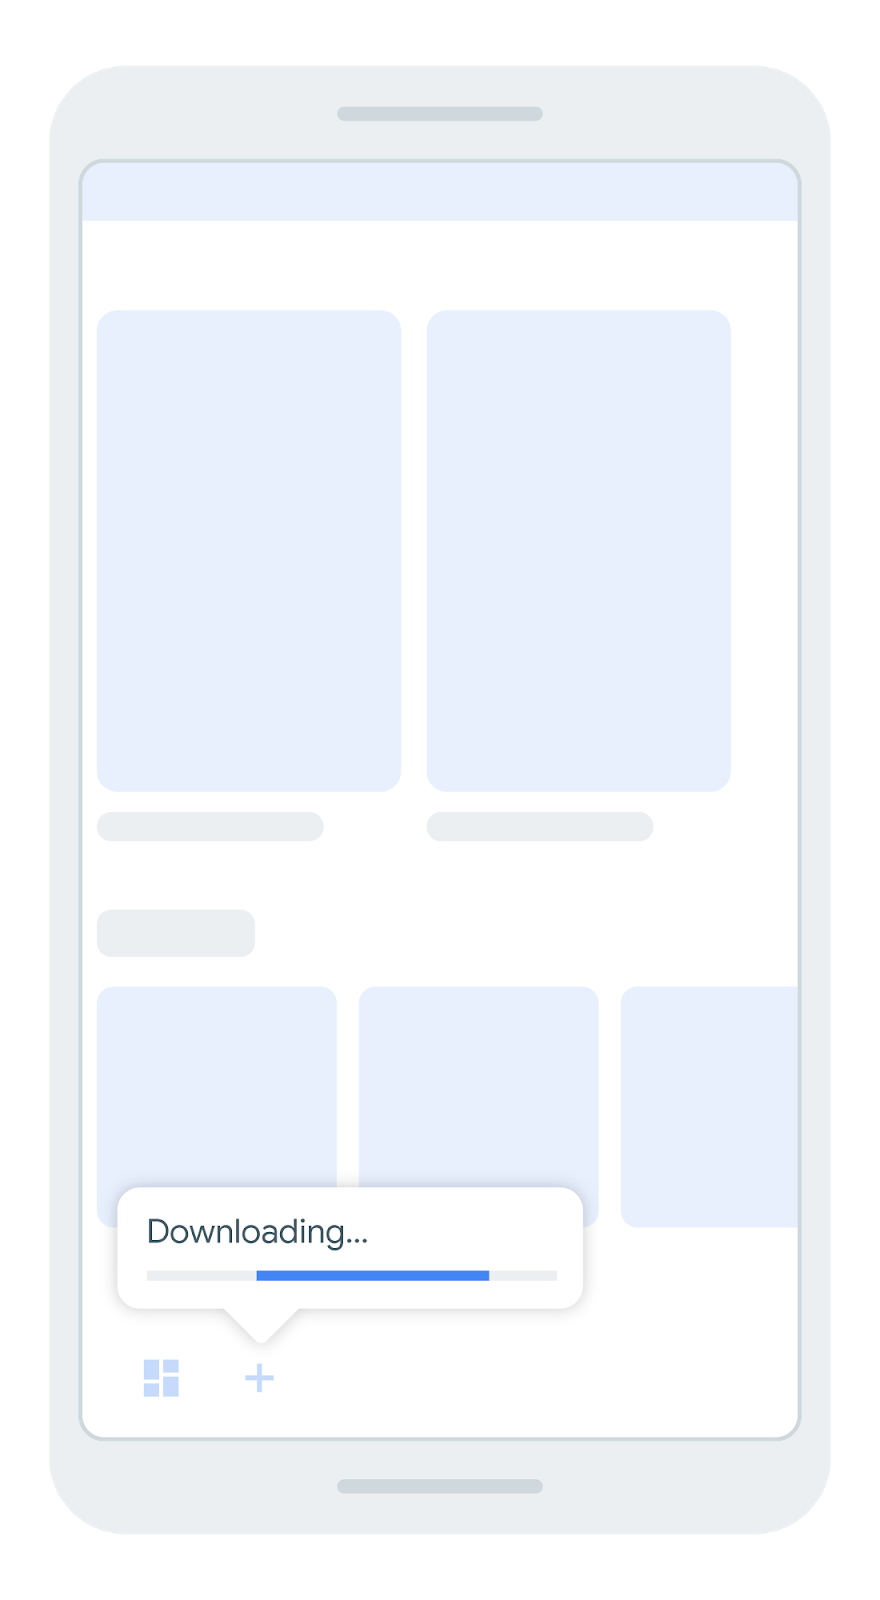 此屏幕显示了底部的导航栏,其中有一个图标表明某个功能模块正在下载